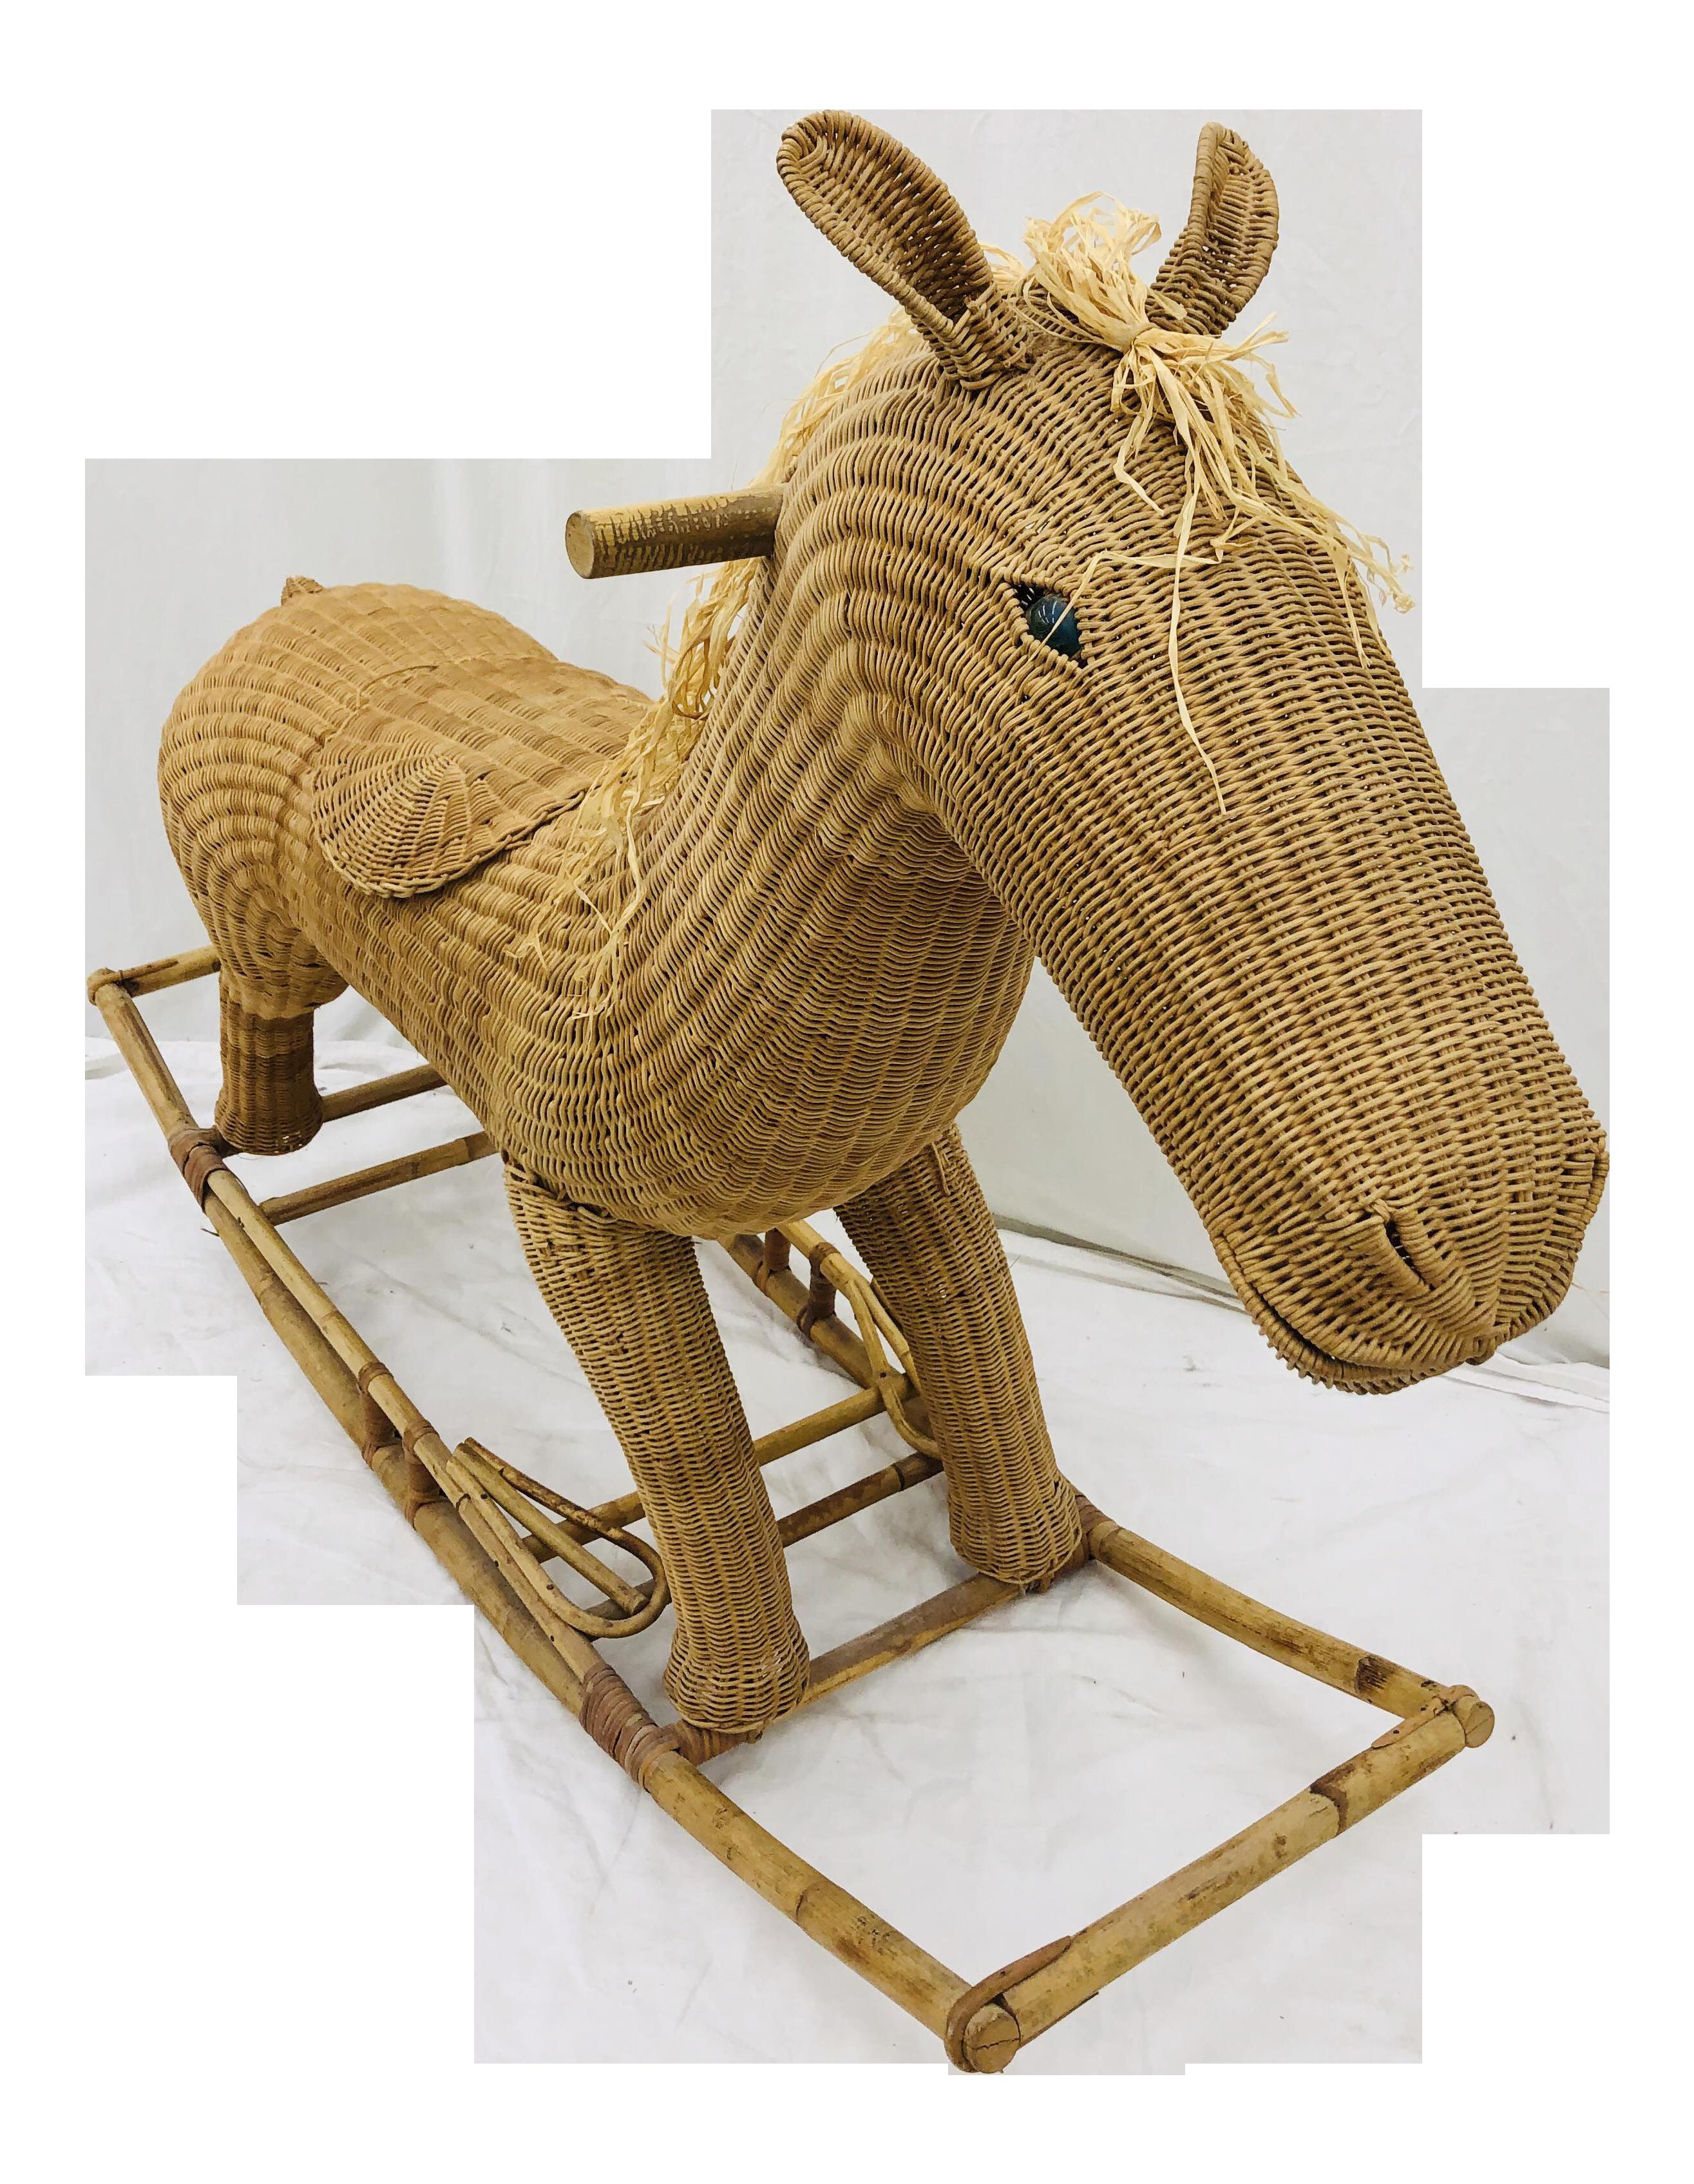 Vintage Wicker Rattan Rocking Horse Chairish